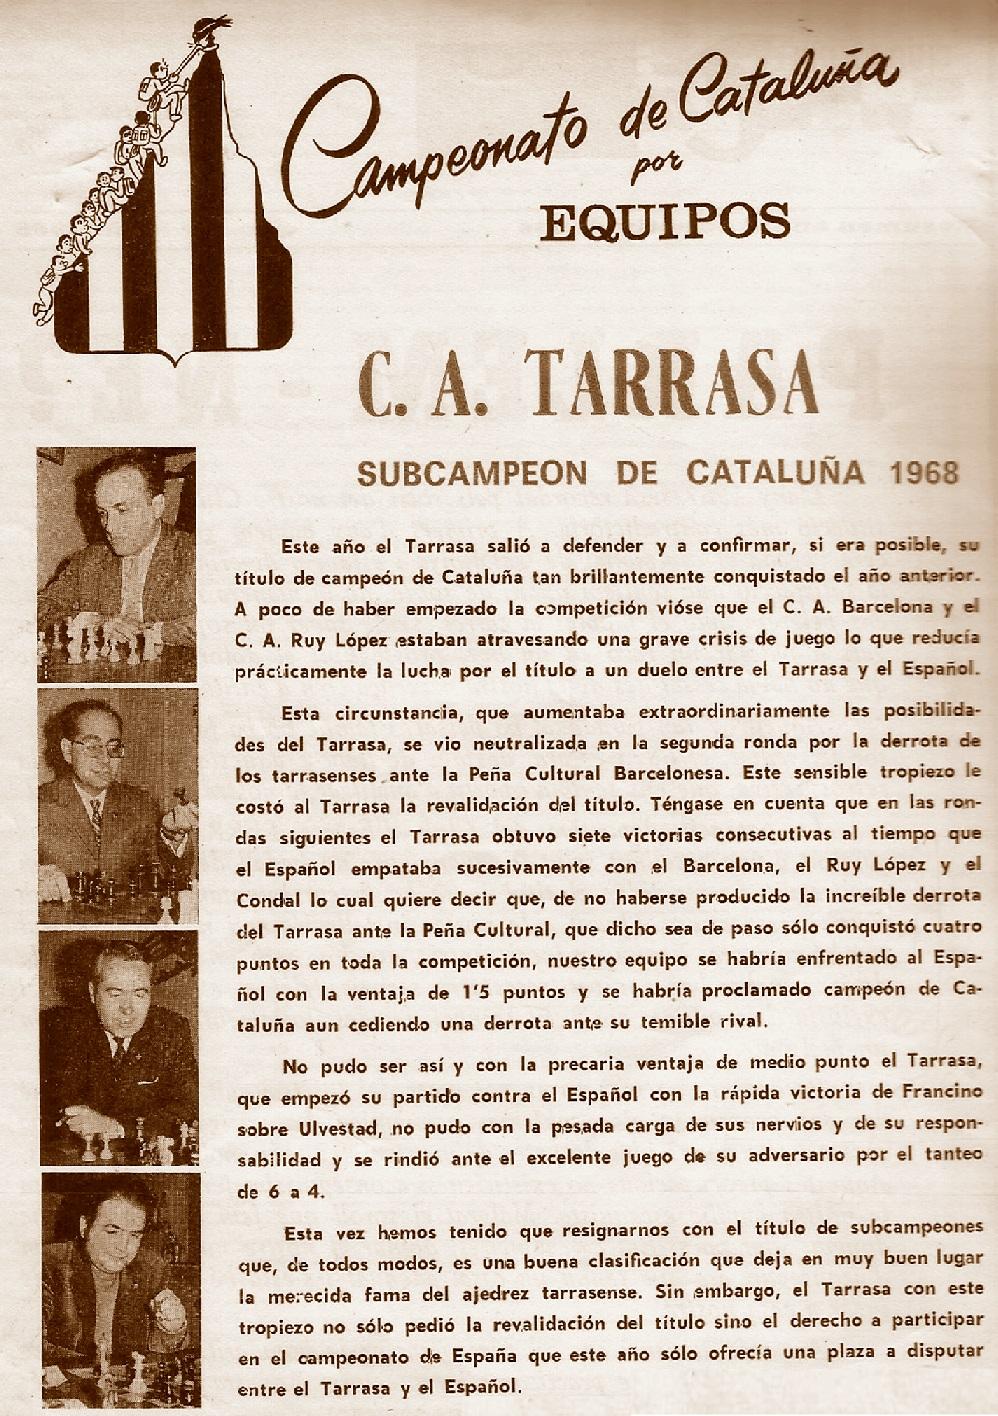 Terrassa Subcampeón del Campeonato de Catalunya De Ajedrez por Equipos 1968